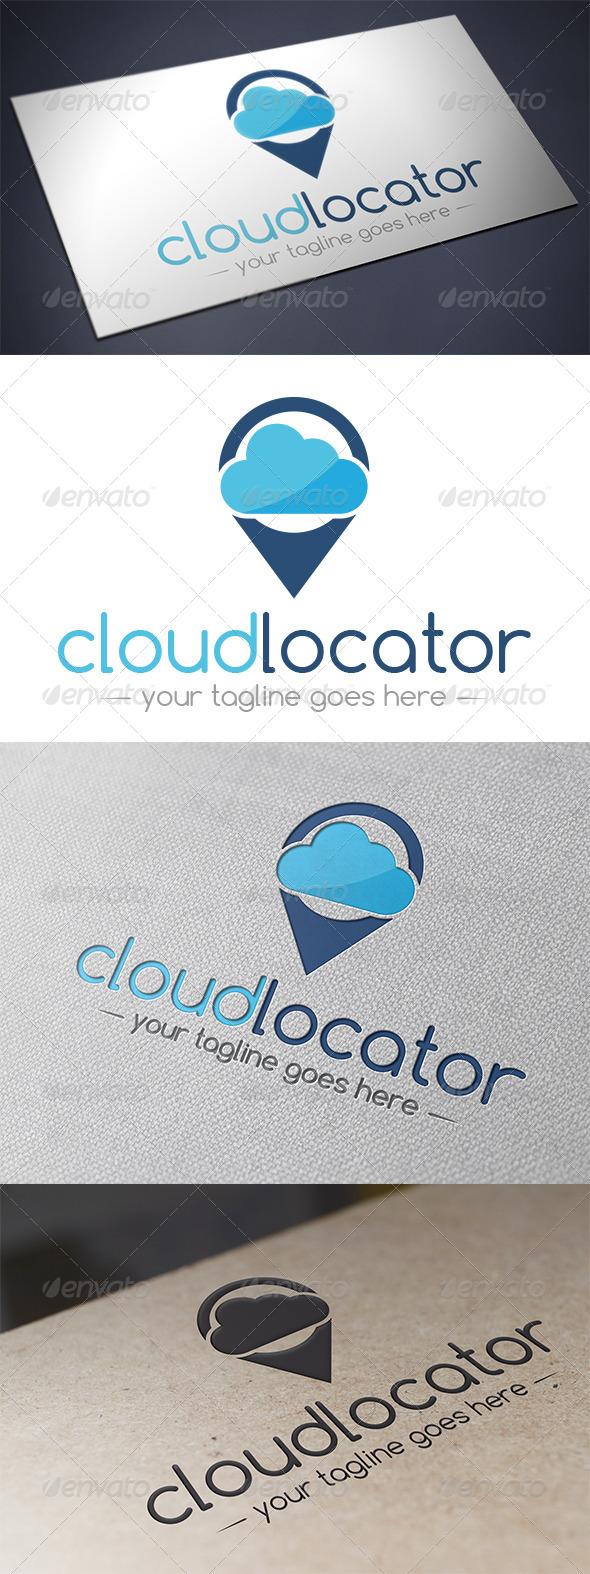 Cloud Locator Logo Template